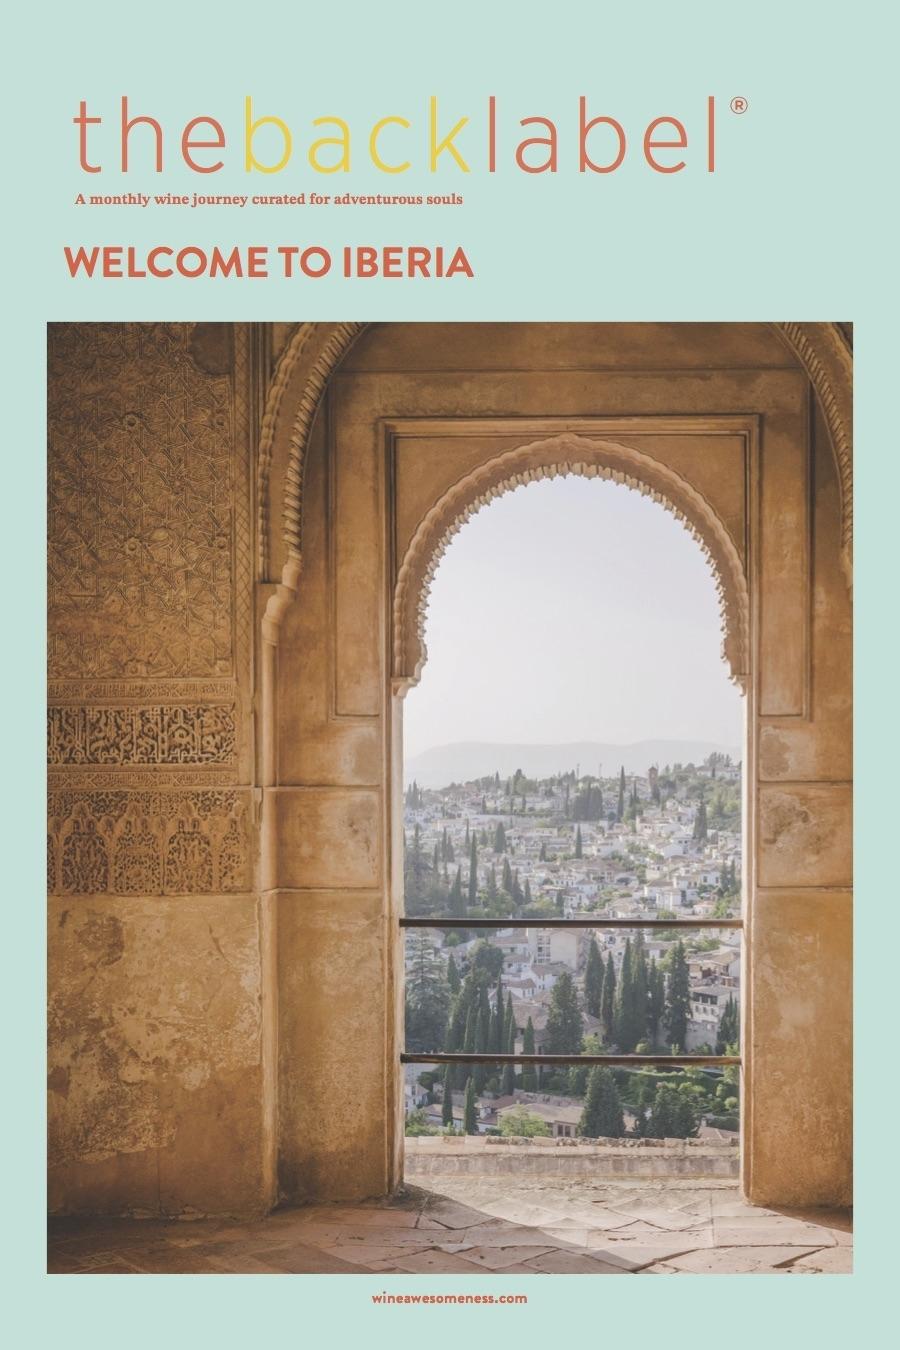 Welcome to Iberia